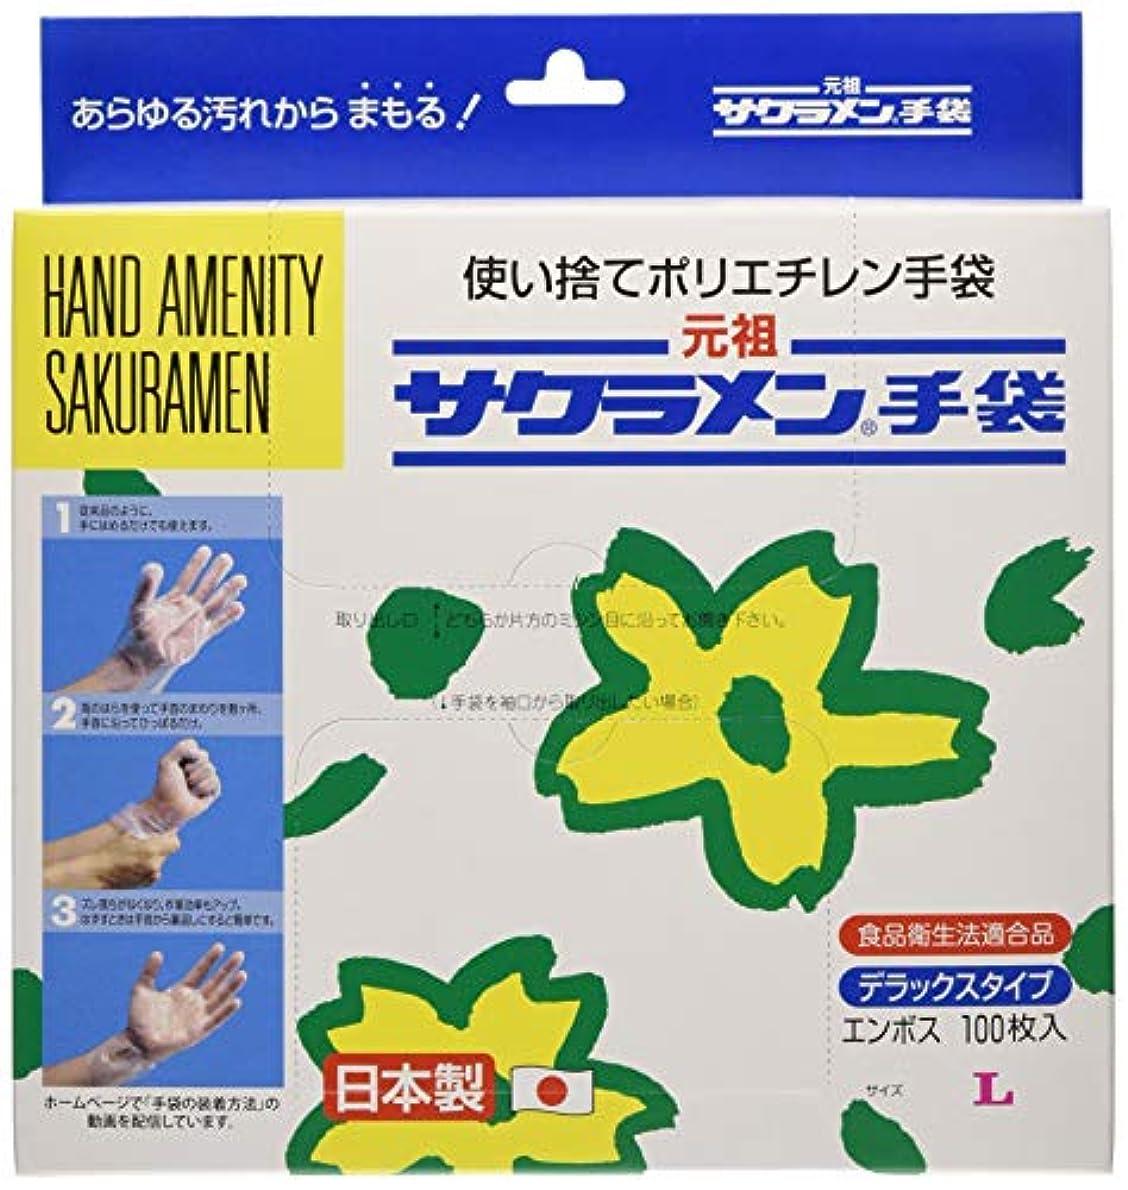 ソーセージ種類とげのあるサクラメン手袋 デラックス(100枚入)L ピンク 35μ